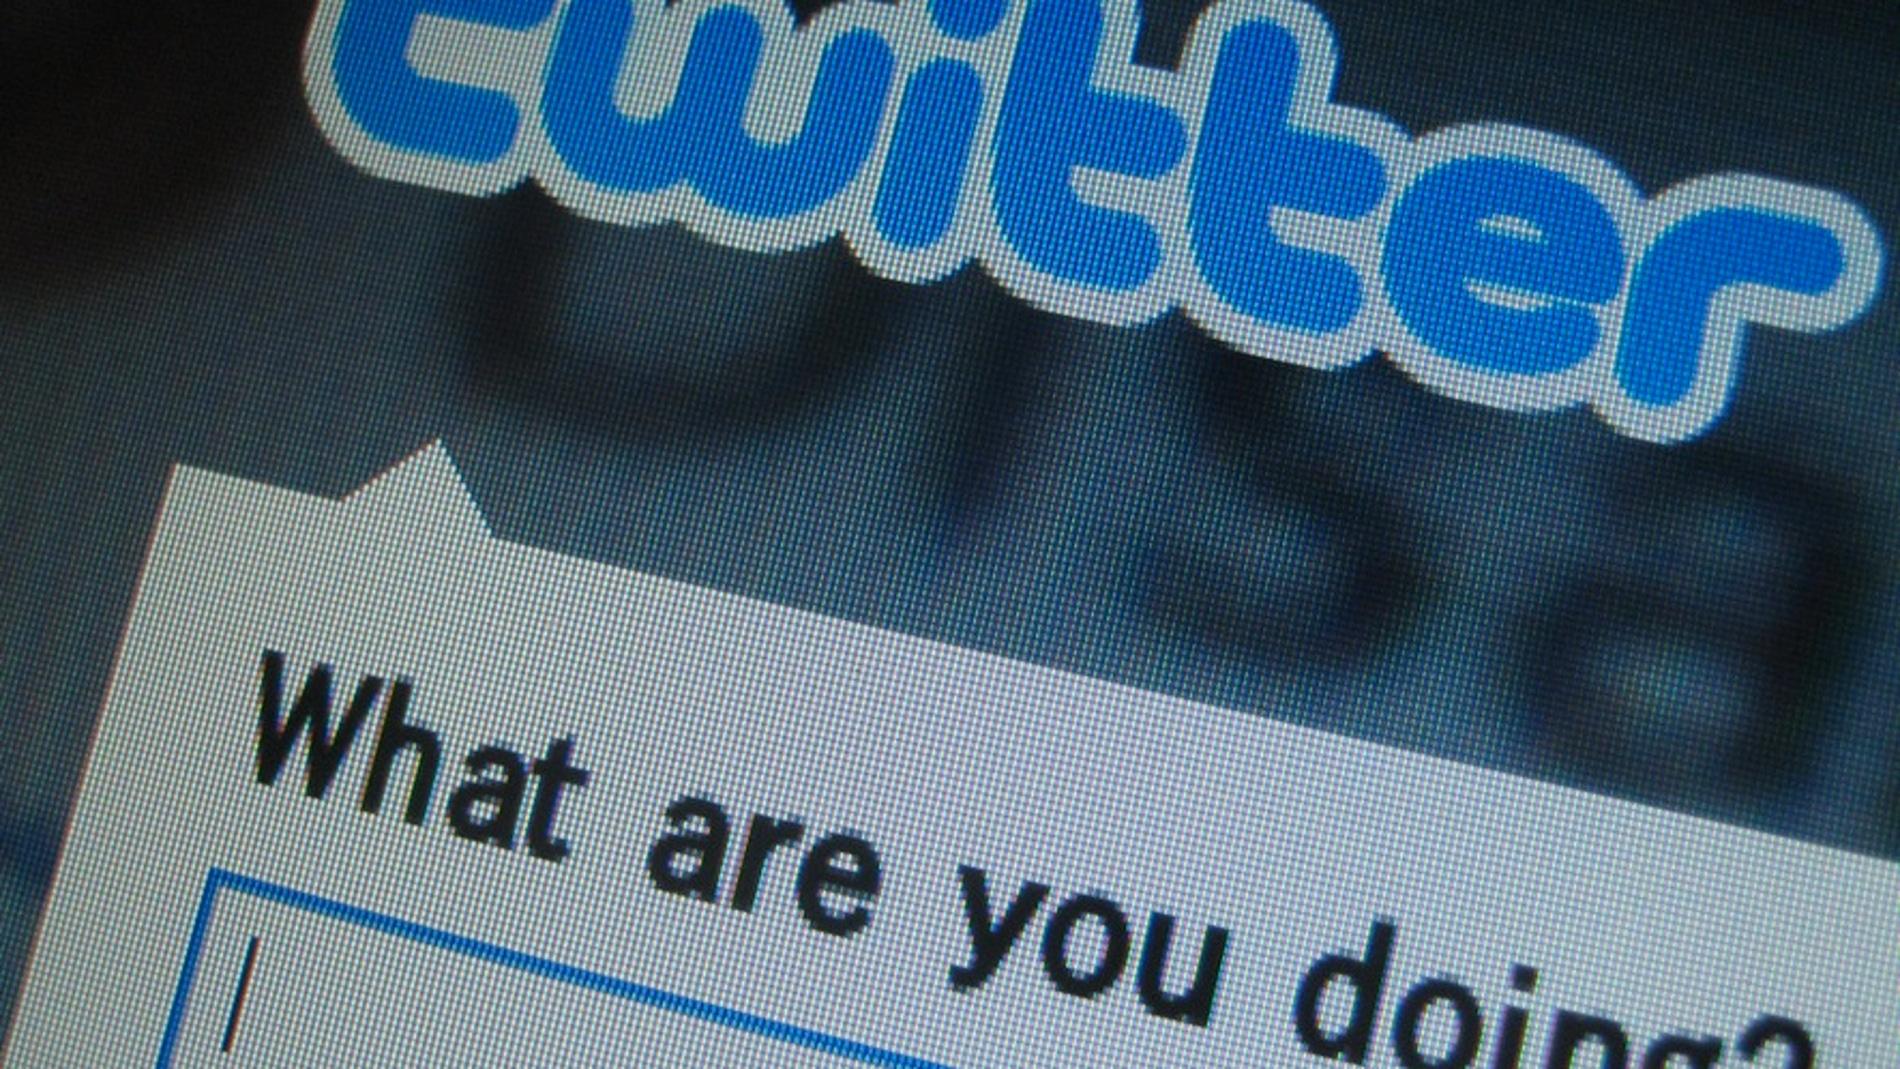 Ya no tienes excusa para aguantar plastas en Twitter